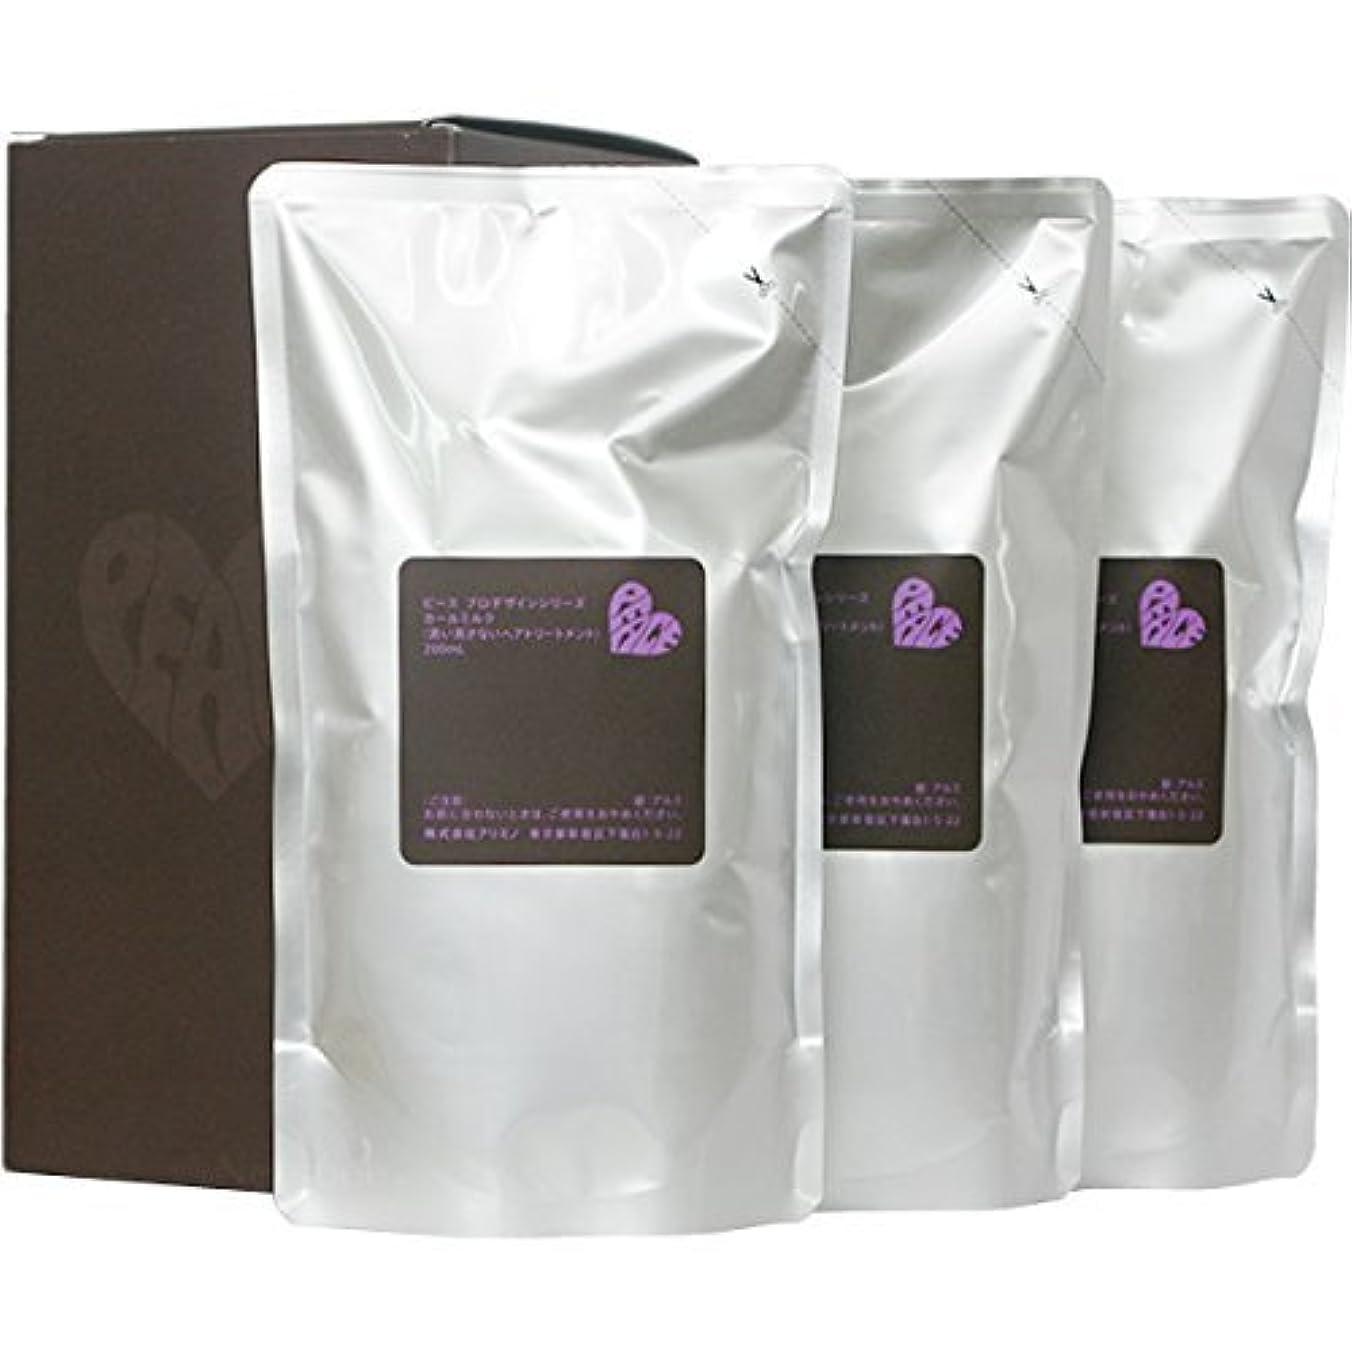 マルコポーロ活性化ハリケーンピース プロデザインシリーズ カールミルク チョコ リフィル 200ml×3